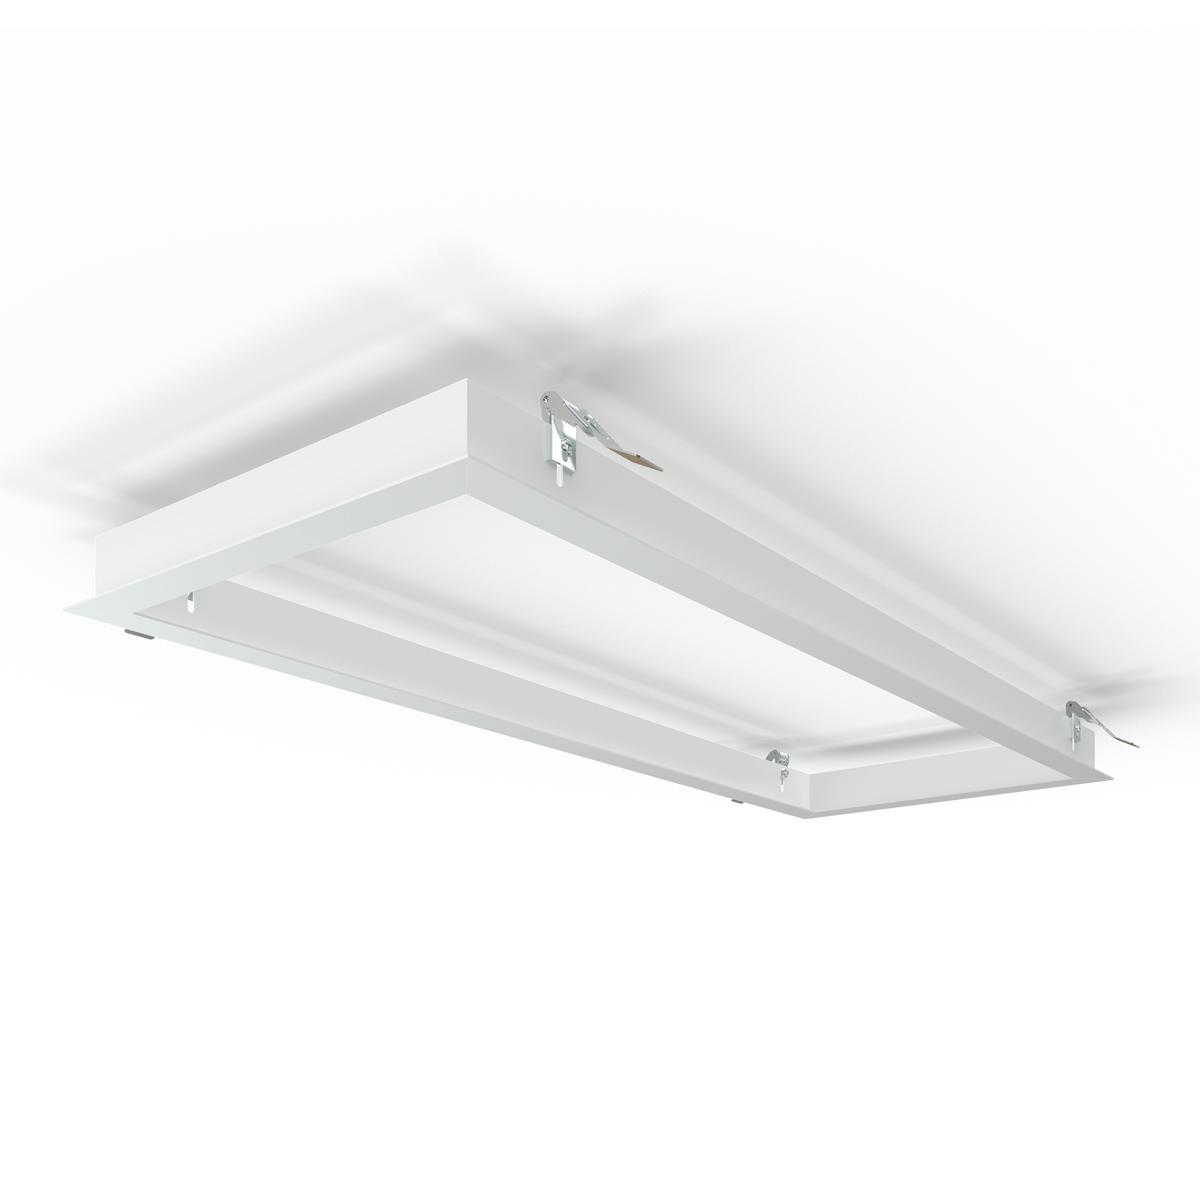 LED Panel Einbaurahmen 30x80cm weiß Deckeneinbau Montagerahmen für Rigipskartondecke